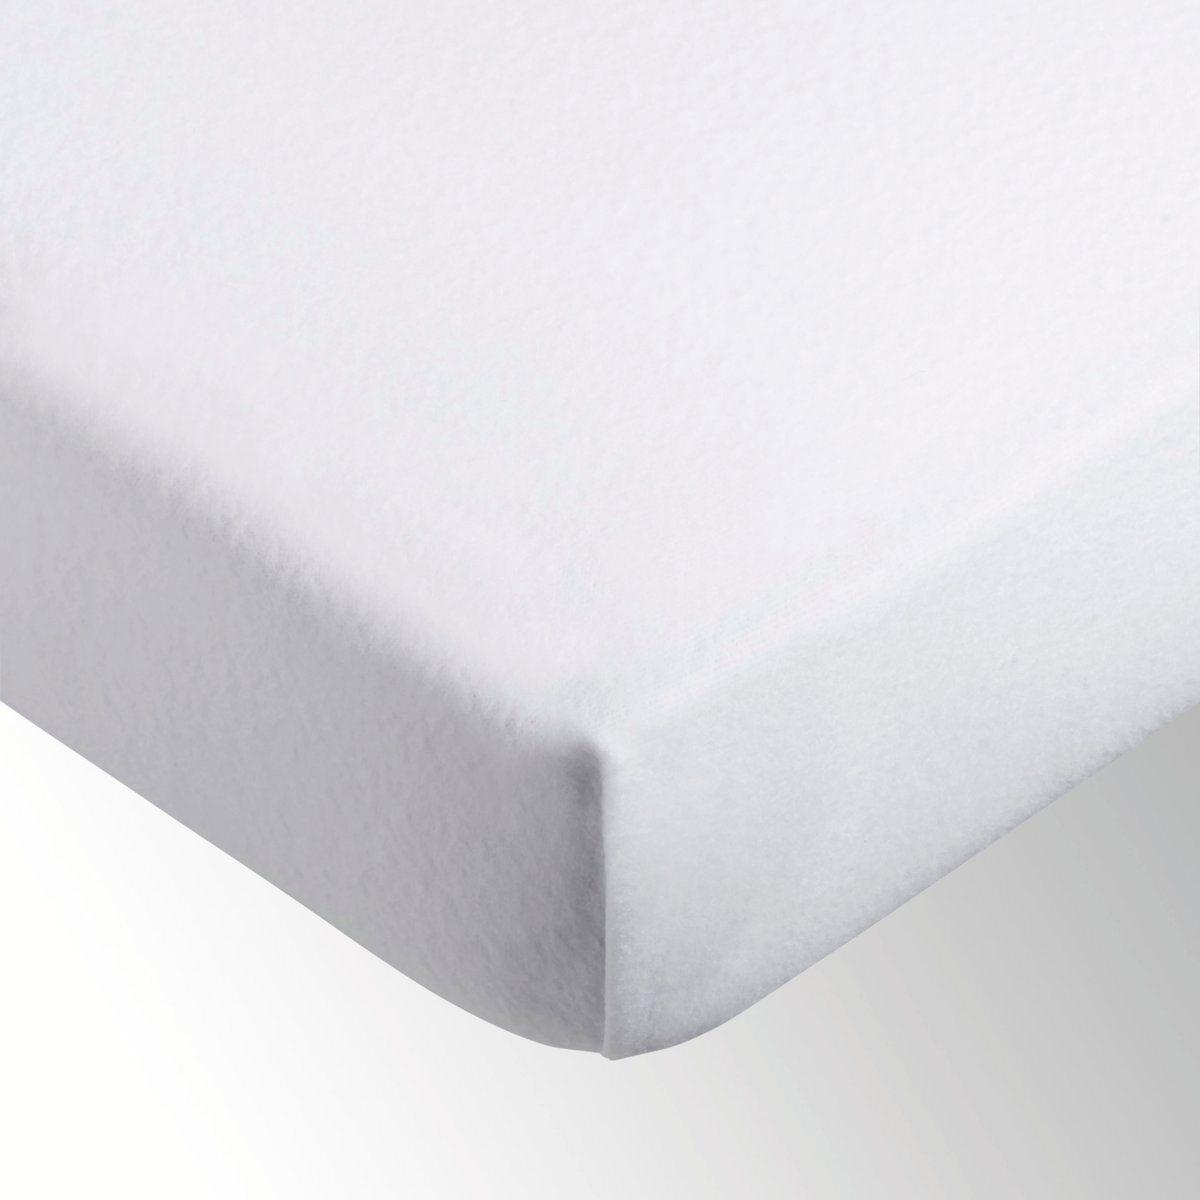 Чехол защитный для матраса LA REDOUTEЗащитный чехол для матраса. Мягкий мольтон стретч, 100% микроволокон полиэстера, 200 г/м?. Естественная защита от бактерий! Дышащий и впитывающий материал с эффектом терморегуляции. Не остается разводов. Микроволокна являются прекрасной защитой против клещей и пыли. Плотно облегает углы. Клапан 25 см для размеров 90 и 140, клапан 22 см для размера 160 см. Стирка при 60?. Товар соответствует требованиям сертификата OEKO-TEX.<br><br>Цвет: белый